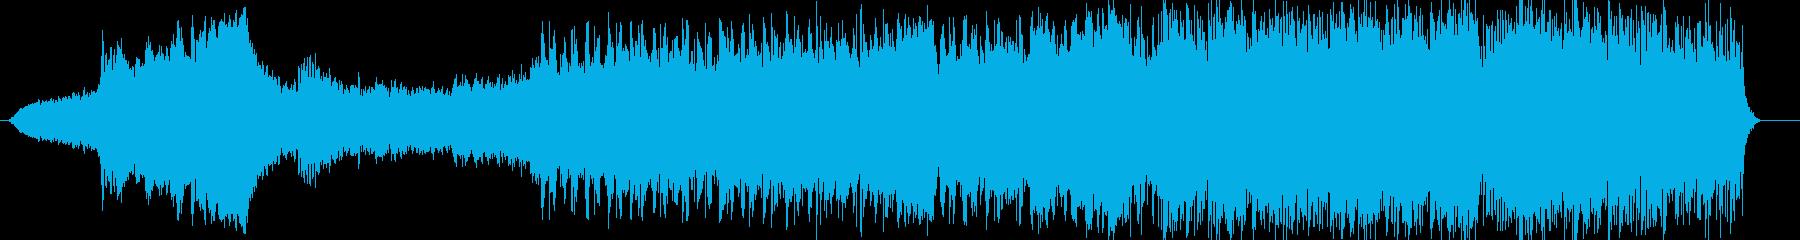 神秘的で可憐なピアノサウンドの再生済みの波形